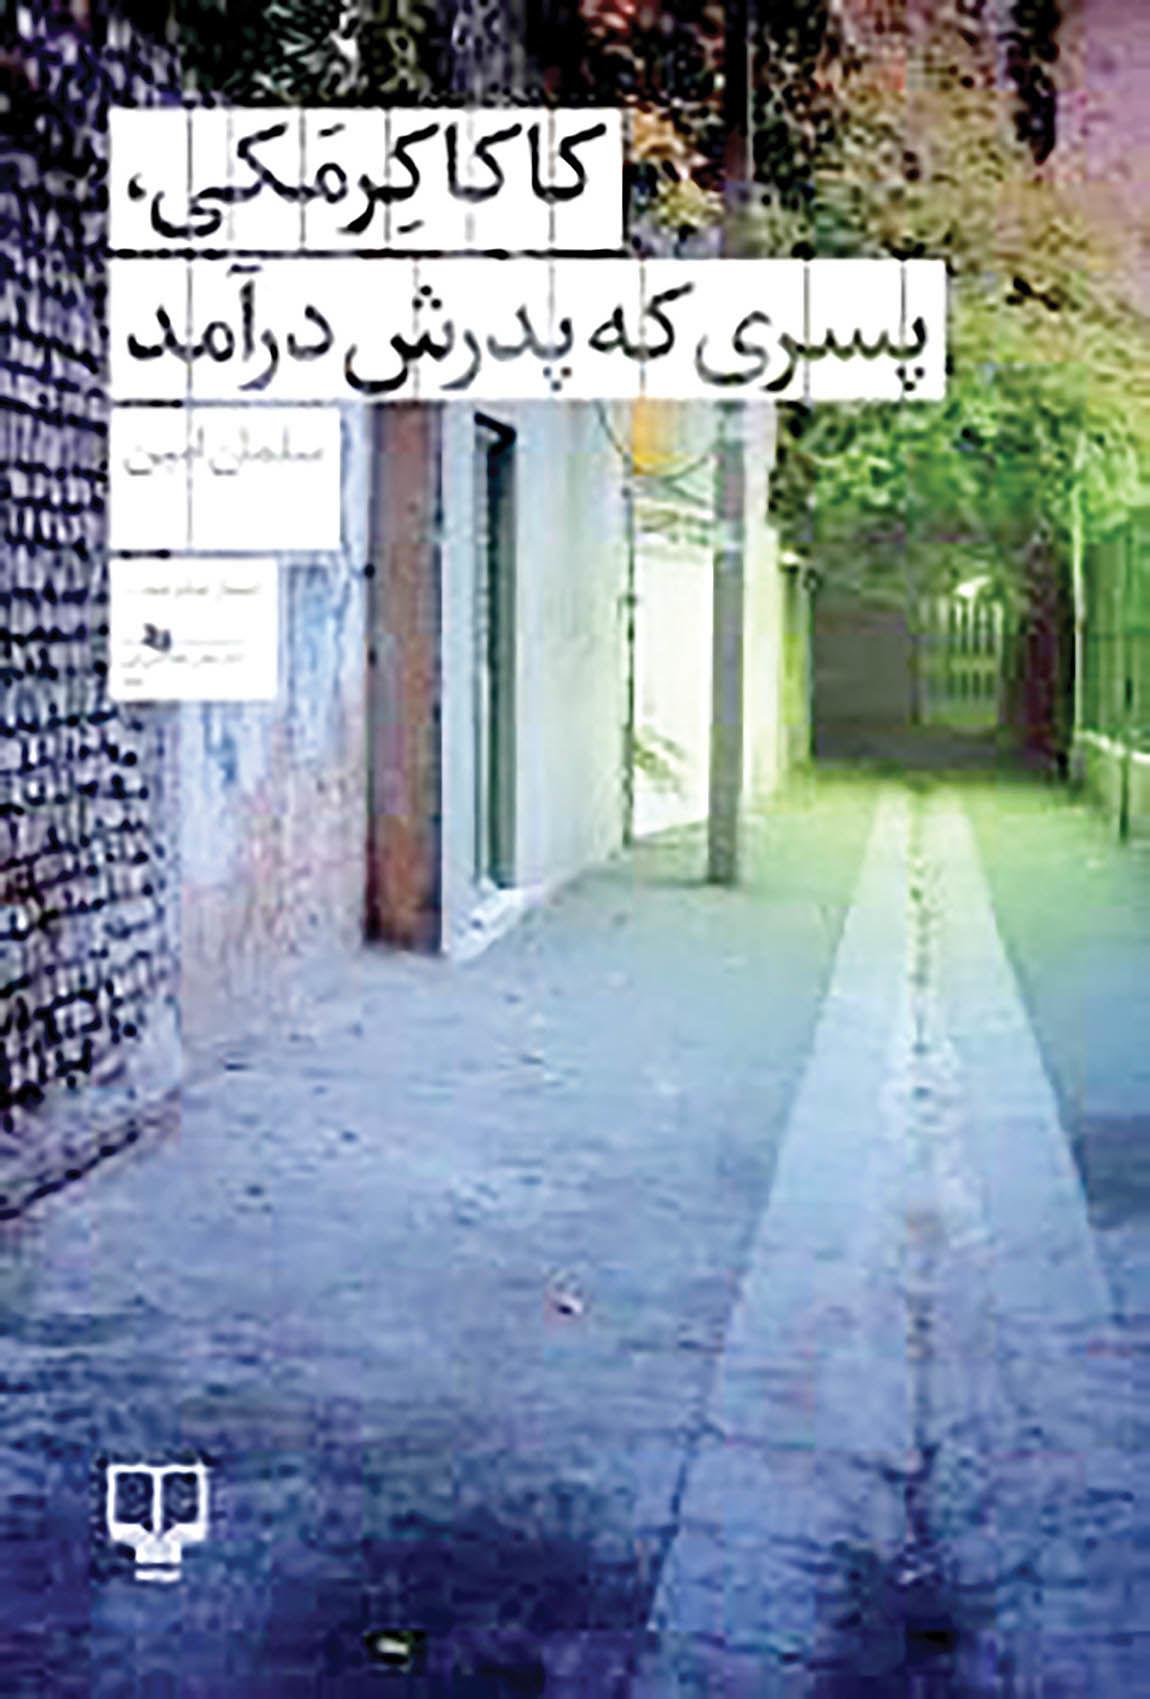 رونمایی از رمان جدید سلمان امین